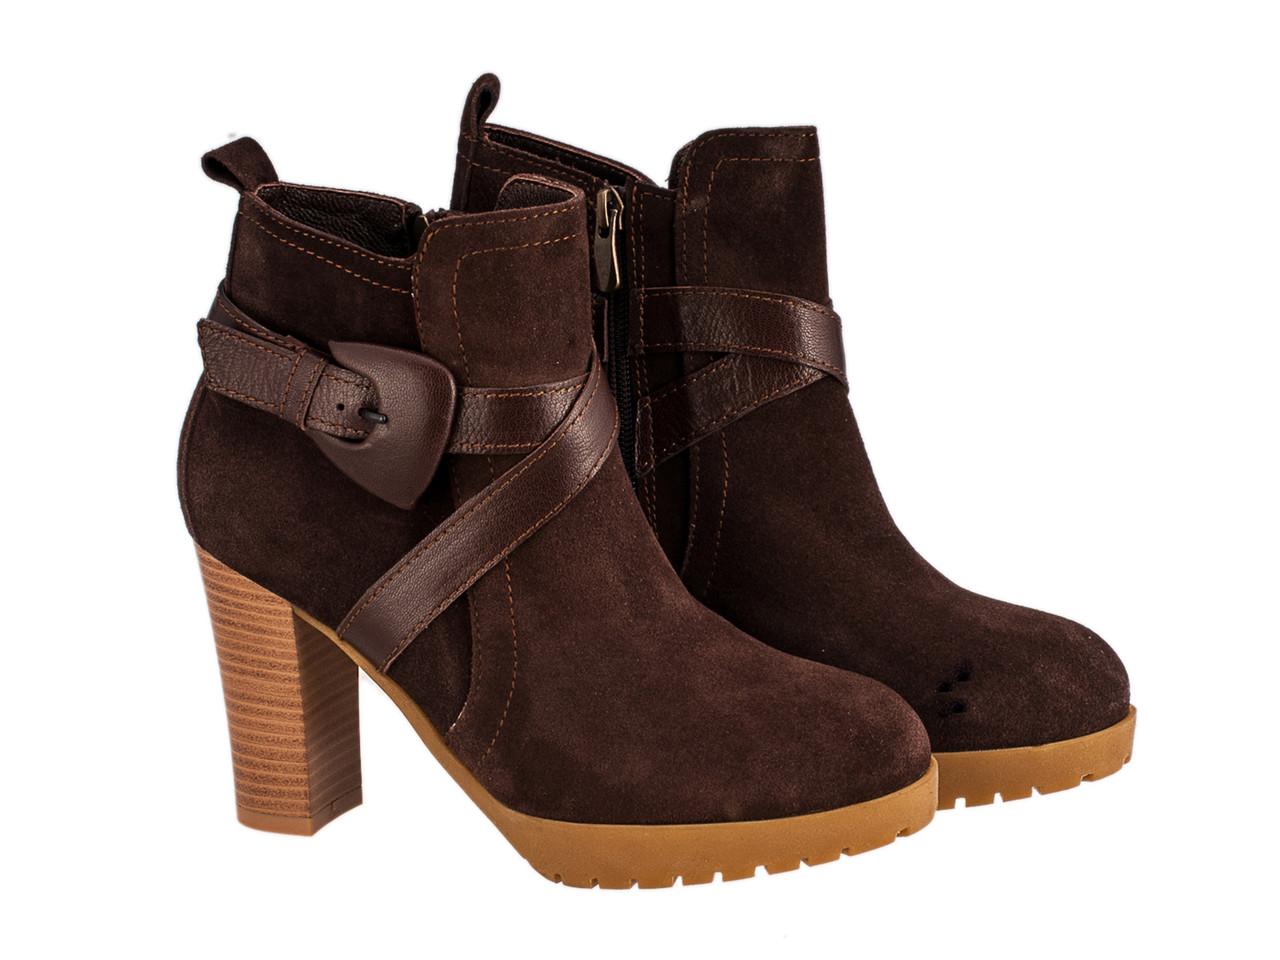 Ботинки Etor 1438-1088-0041 коричневые